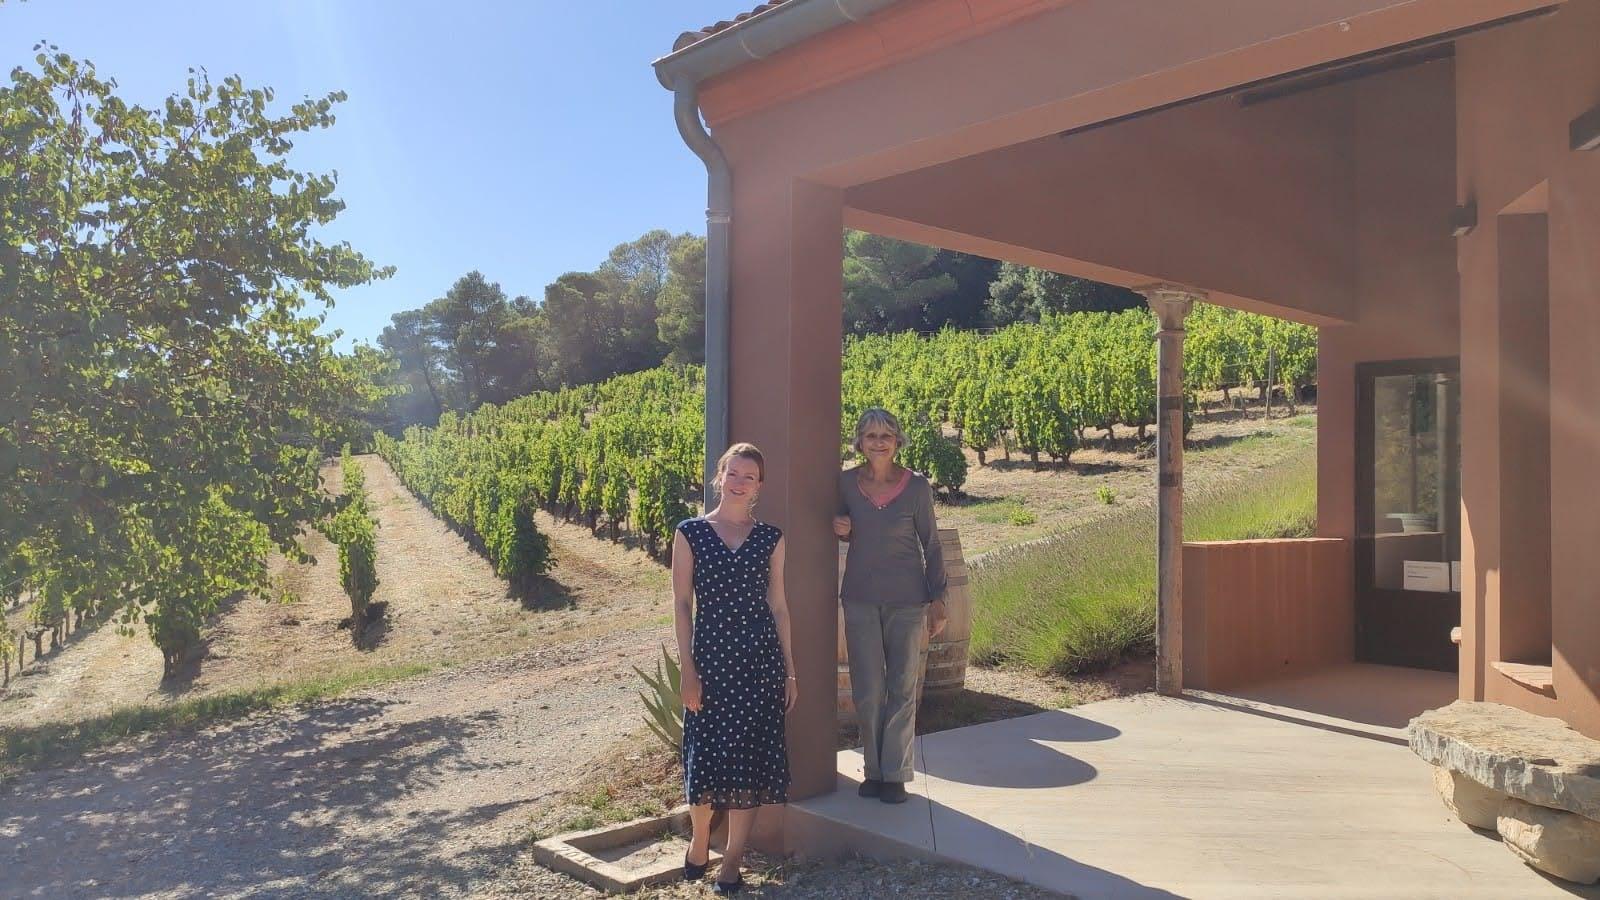 Mijn bezoek aan Mas Champart - wijnhuis Saint-Chinian